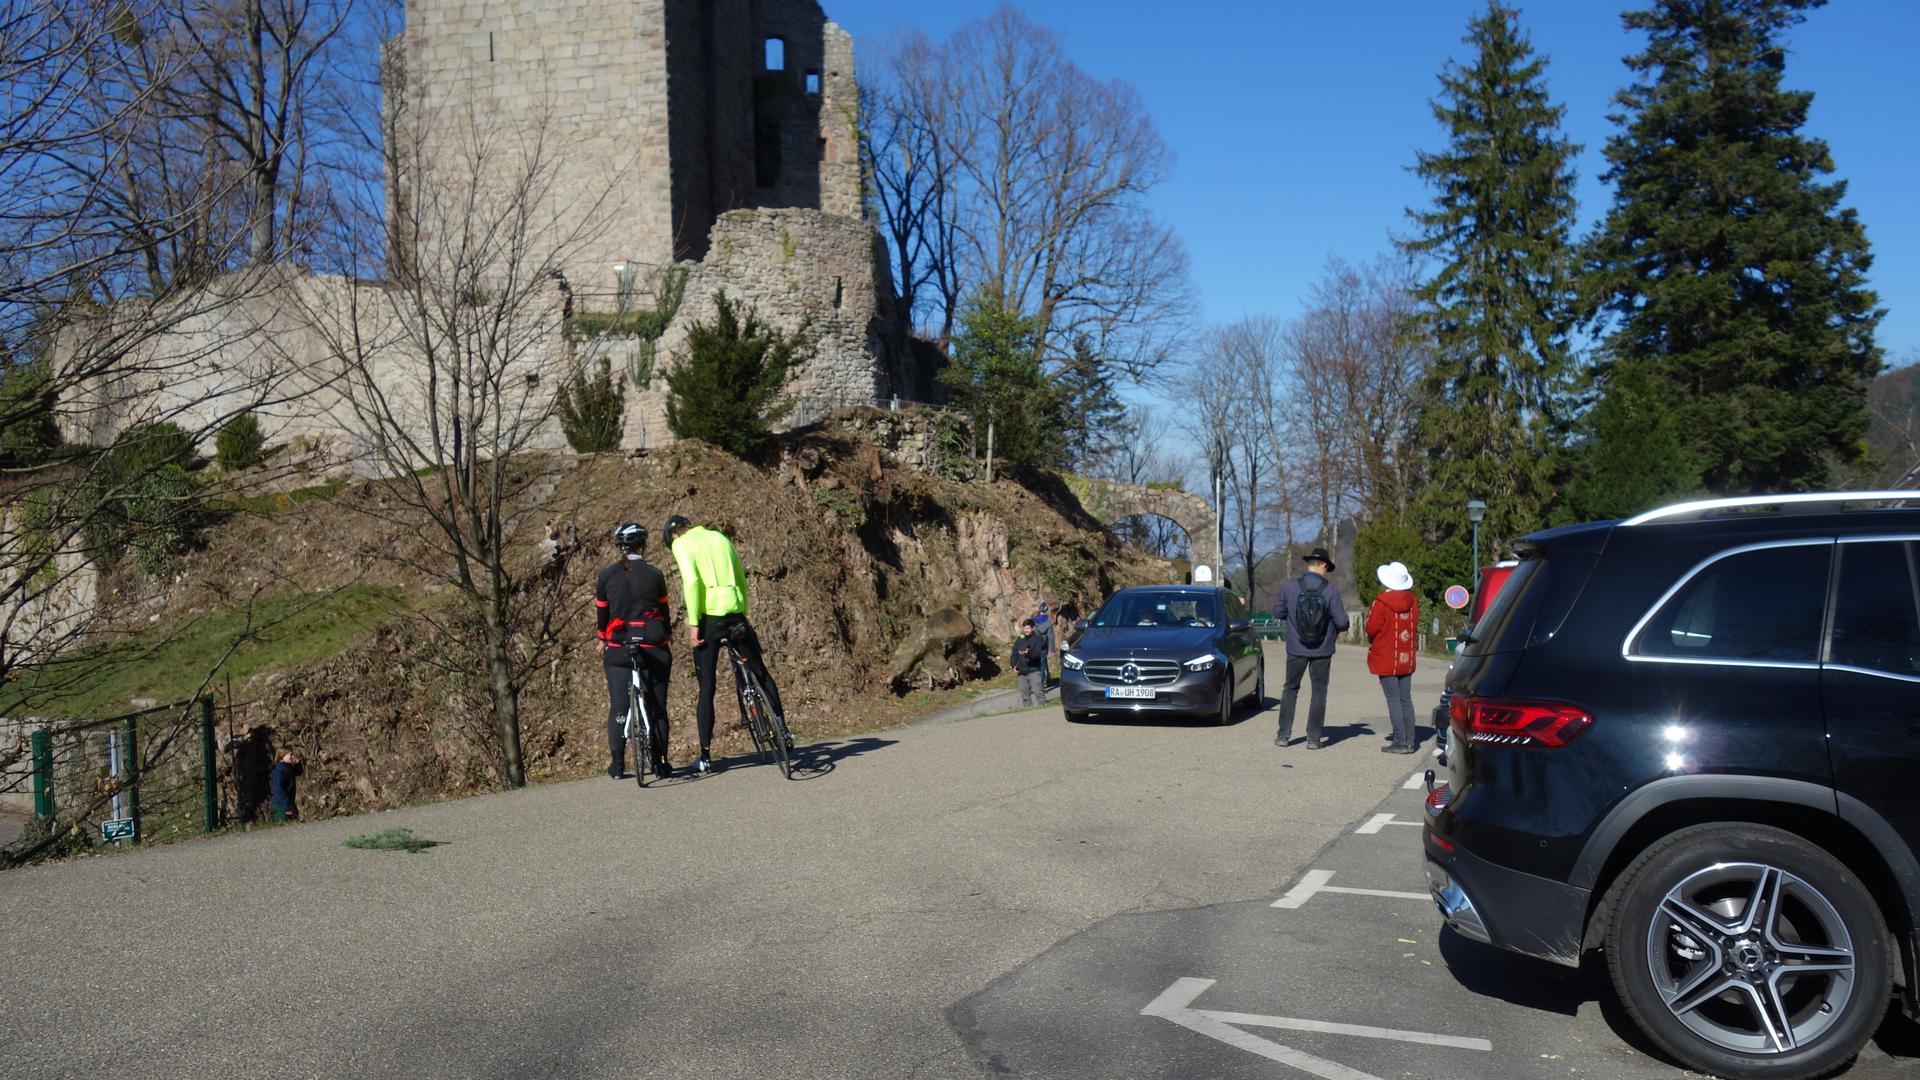 Ausflug an die Sonne: Auf der Burg Windeck herrschte Hochbetrieb. Radler, Wanderer und Spielplatzbesucher nutzten das herrliche Wetter.